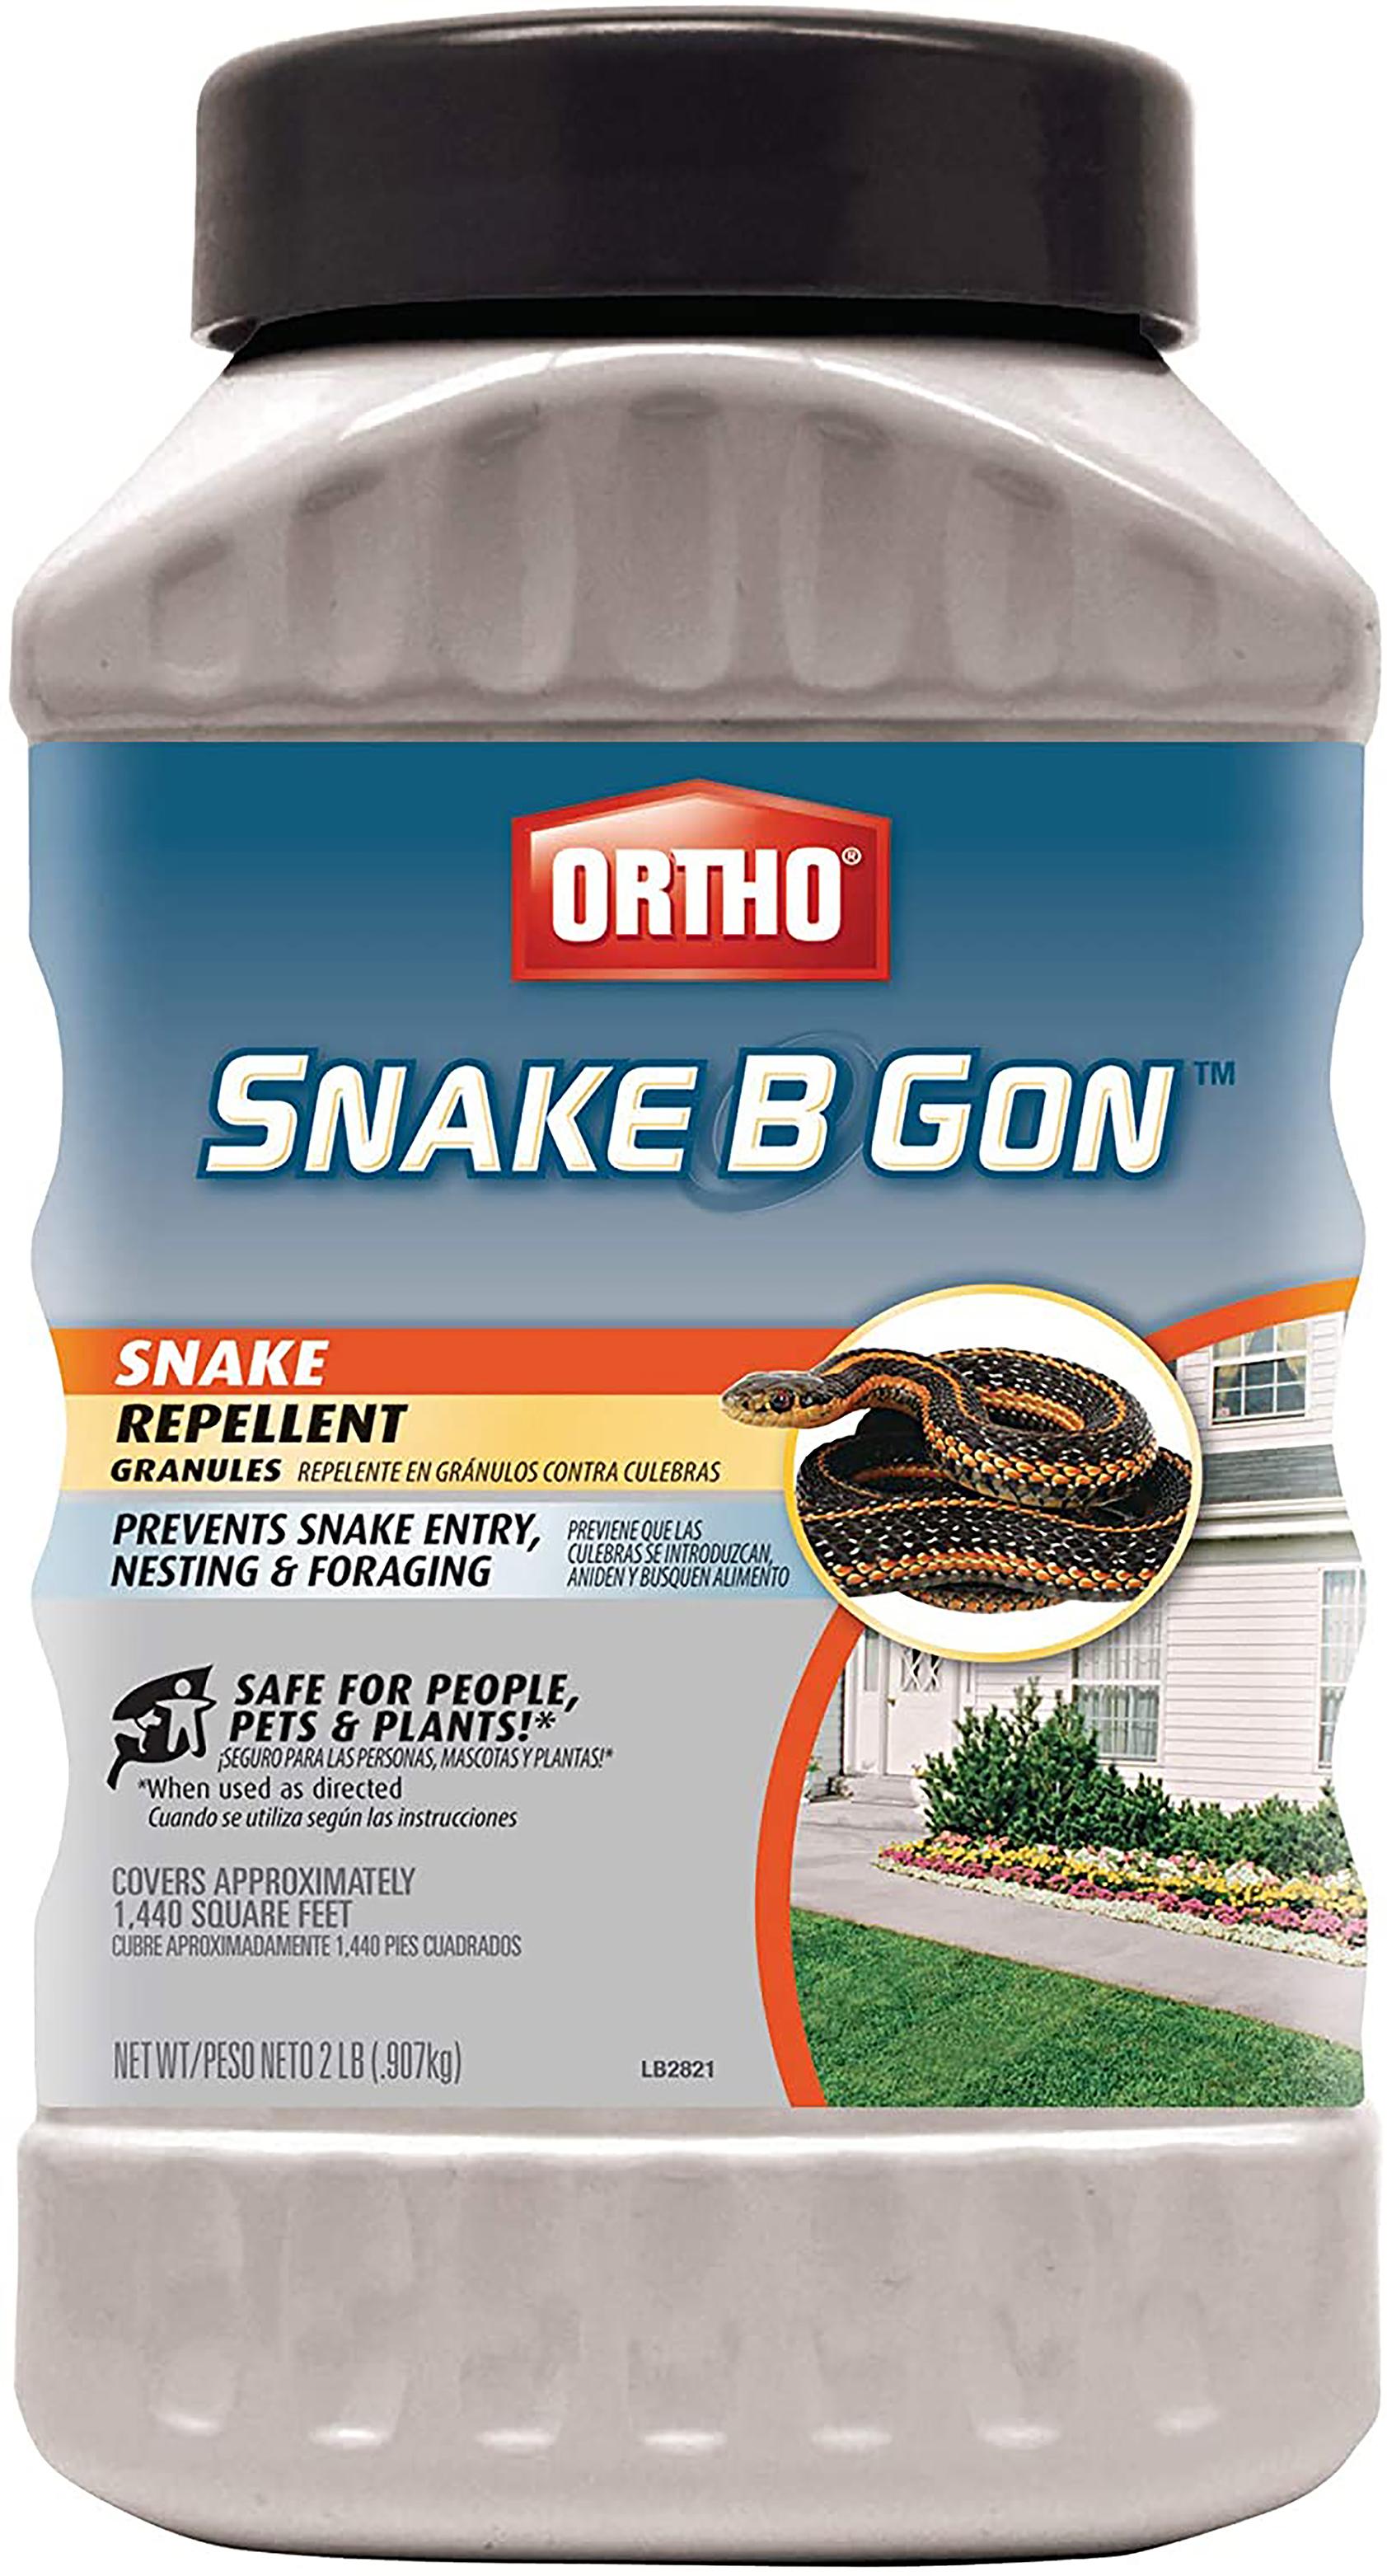 Snake-B-Gon Snake Repellent Granules  review